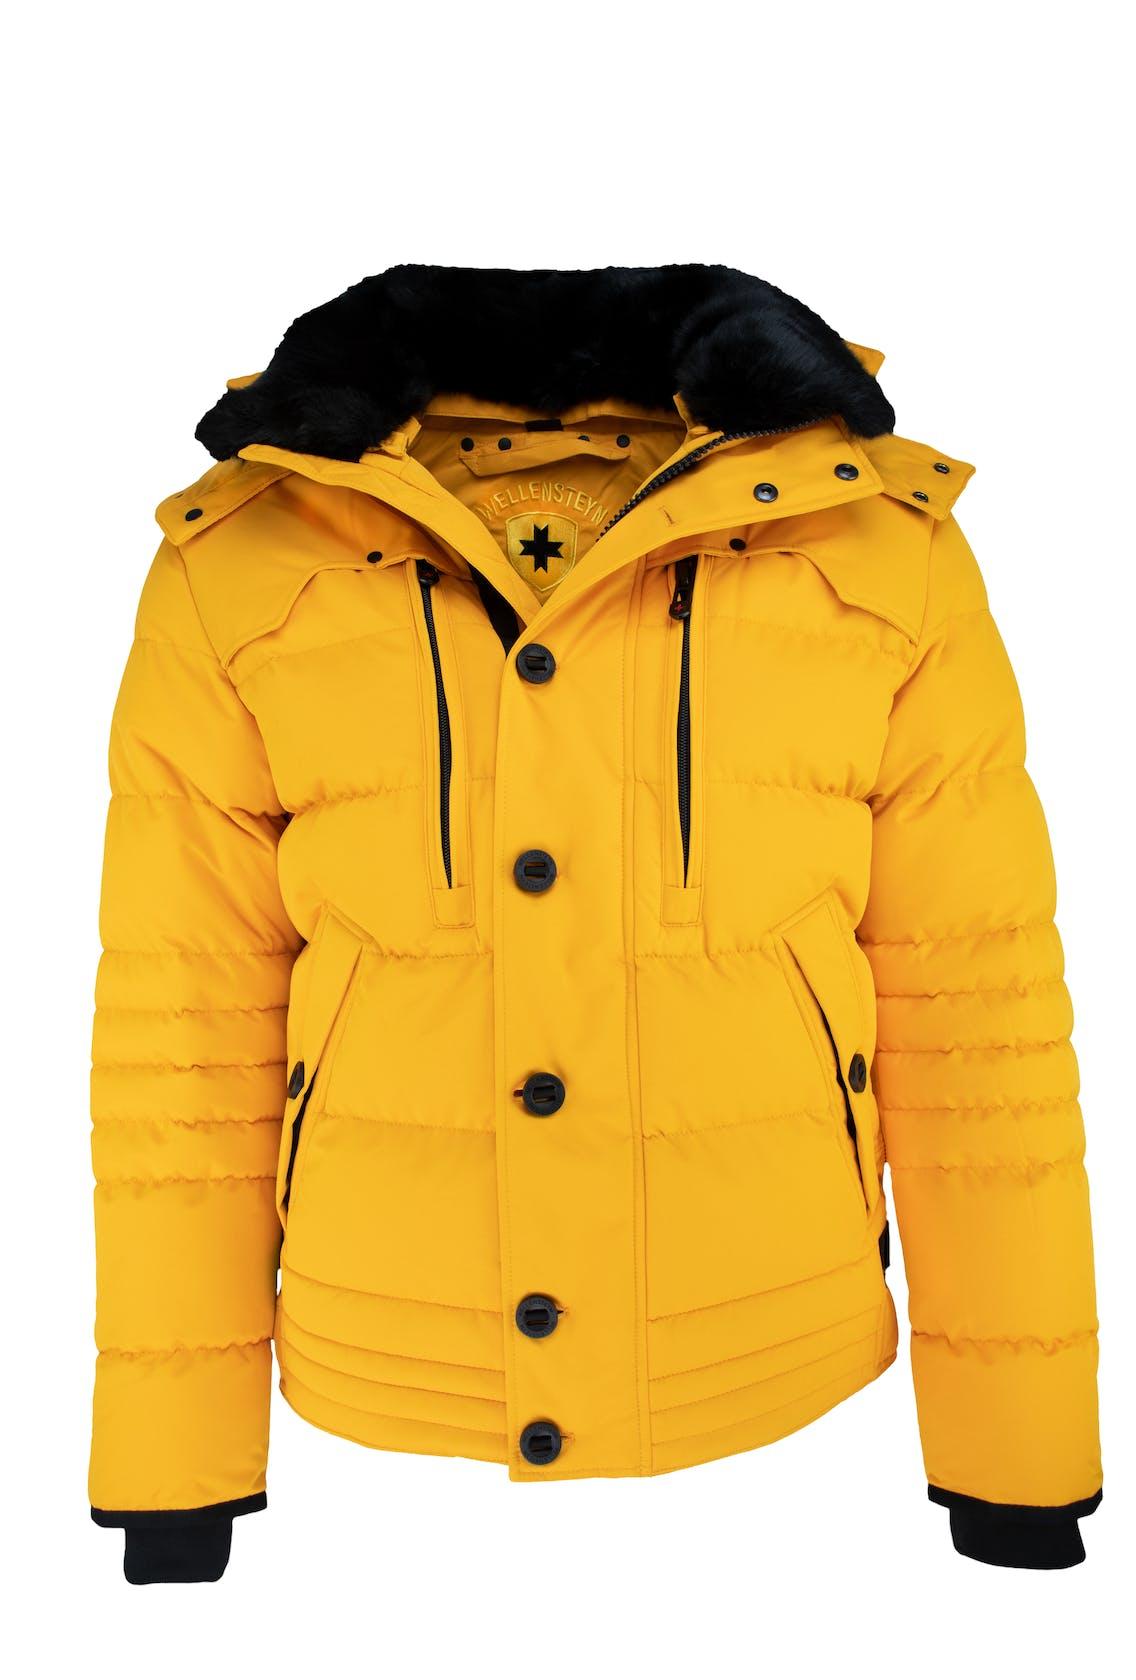 Winterjacke in gelb von Wellensteyn für Herren